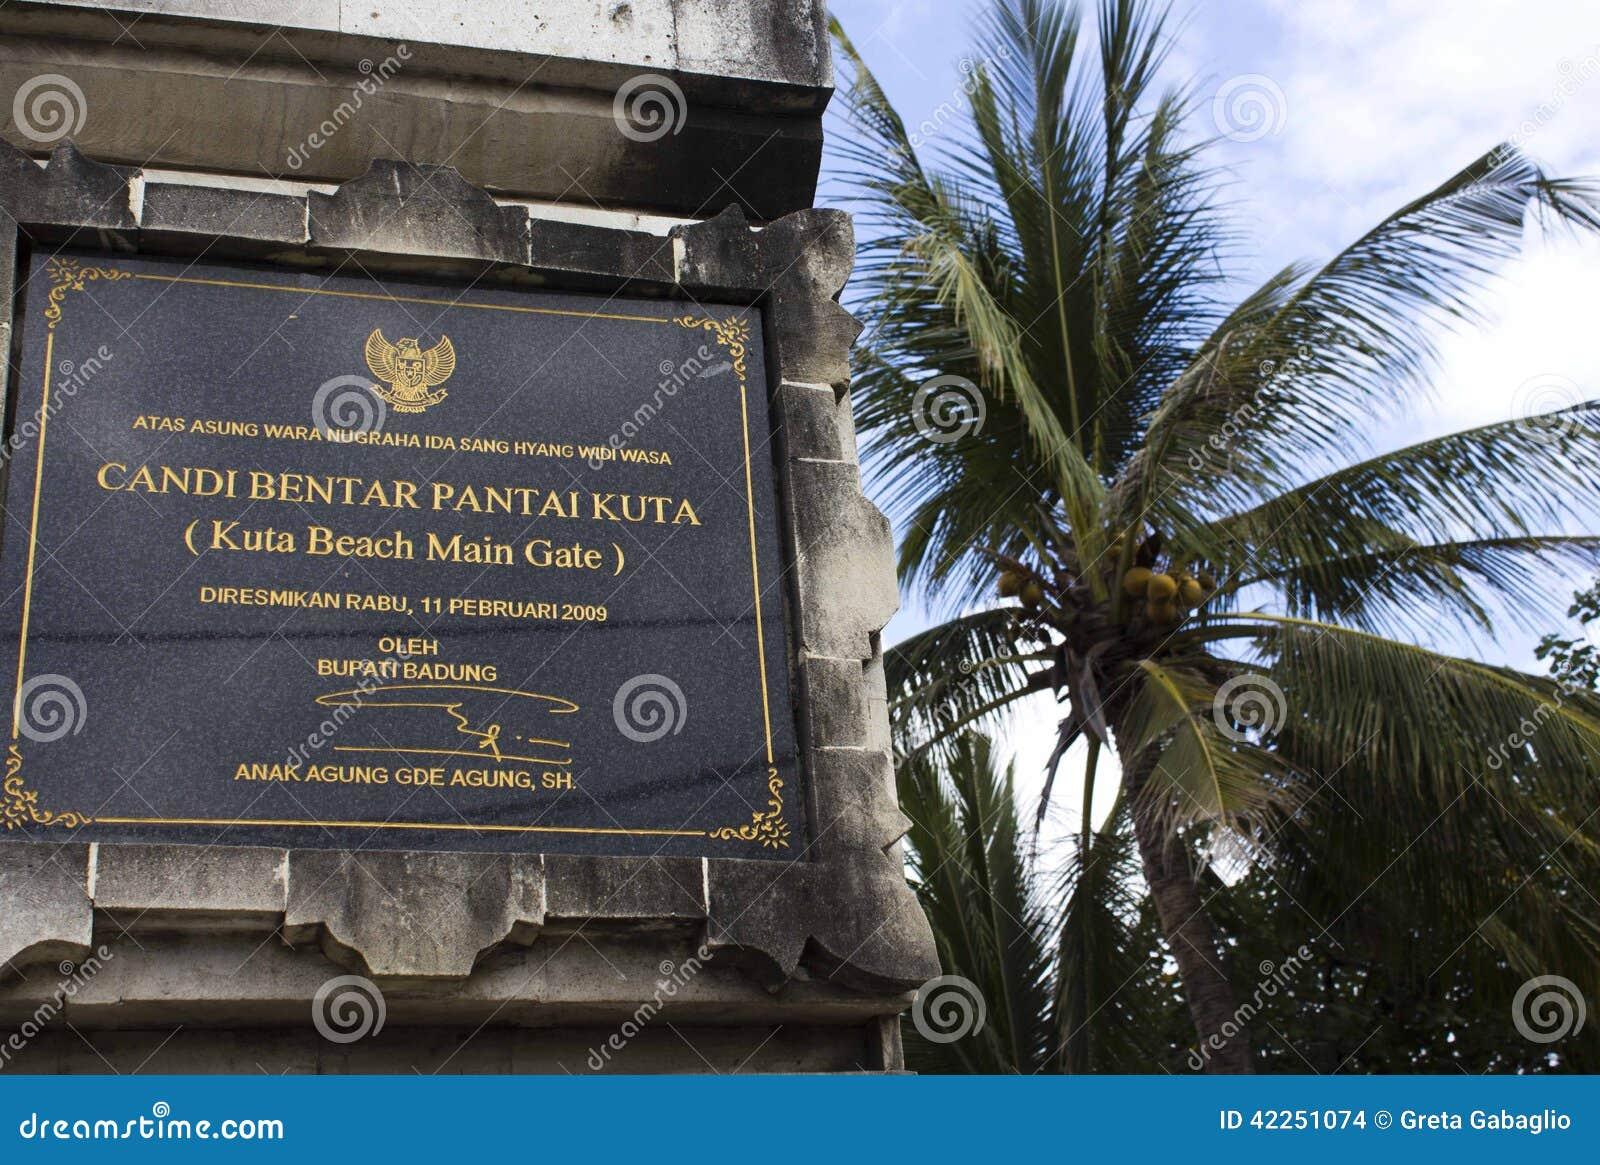 库塔海滩主闸,巴厘岛,印度尼西亚